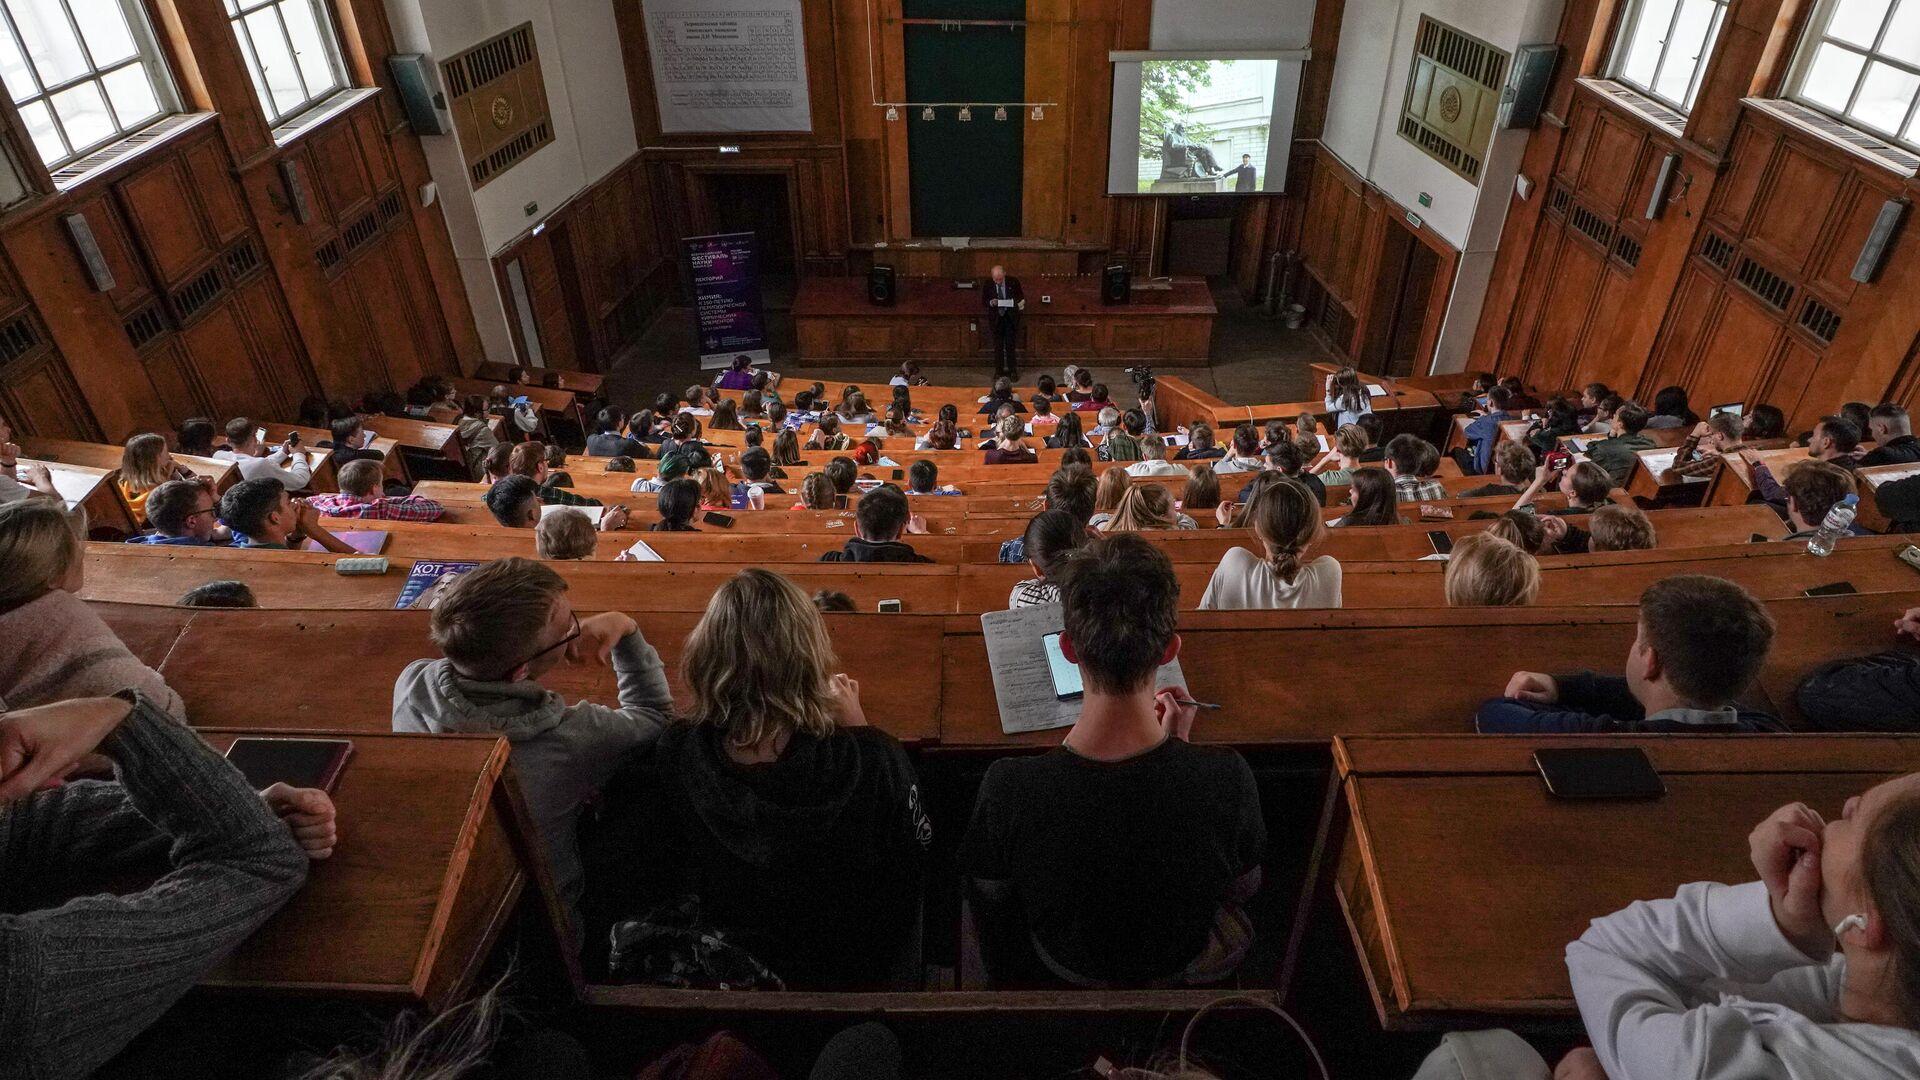 Студенты на лекции в МГУ - РИА Новости, 1920, 25.01.2021